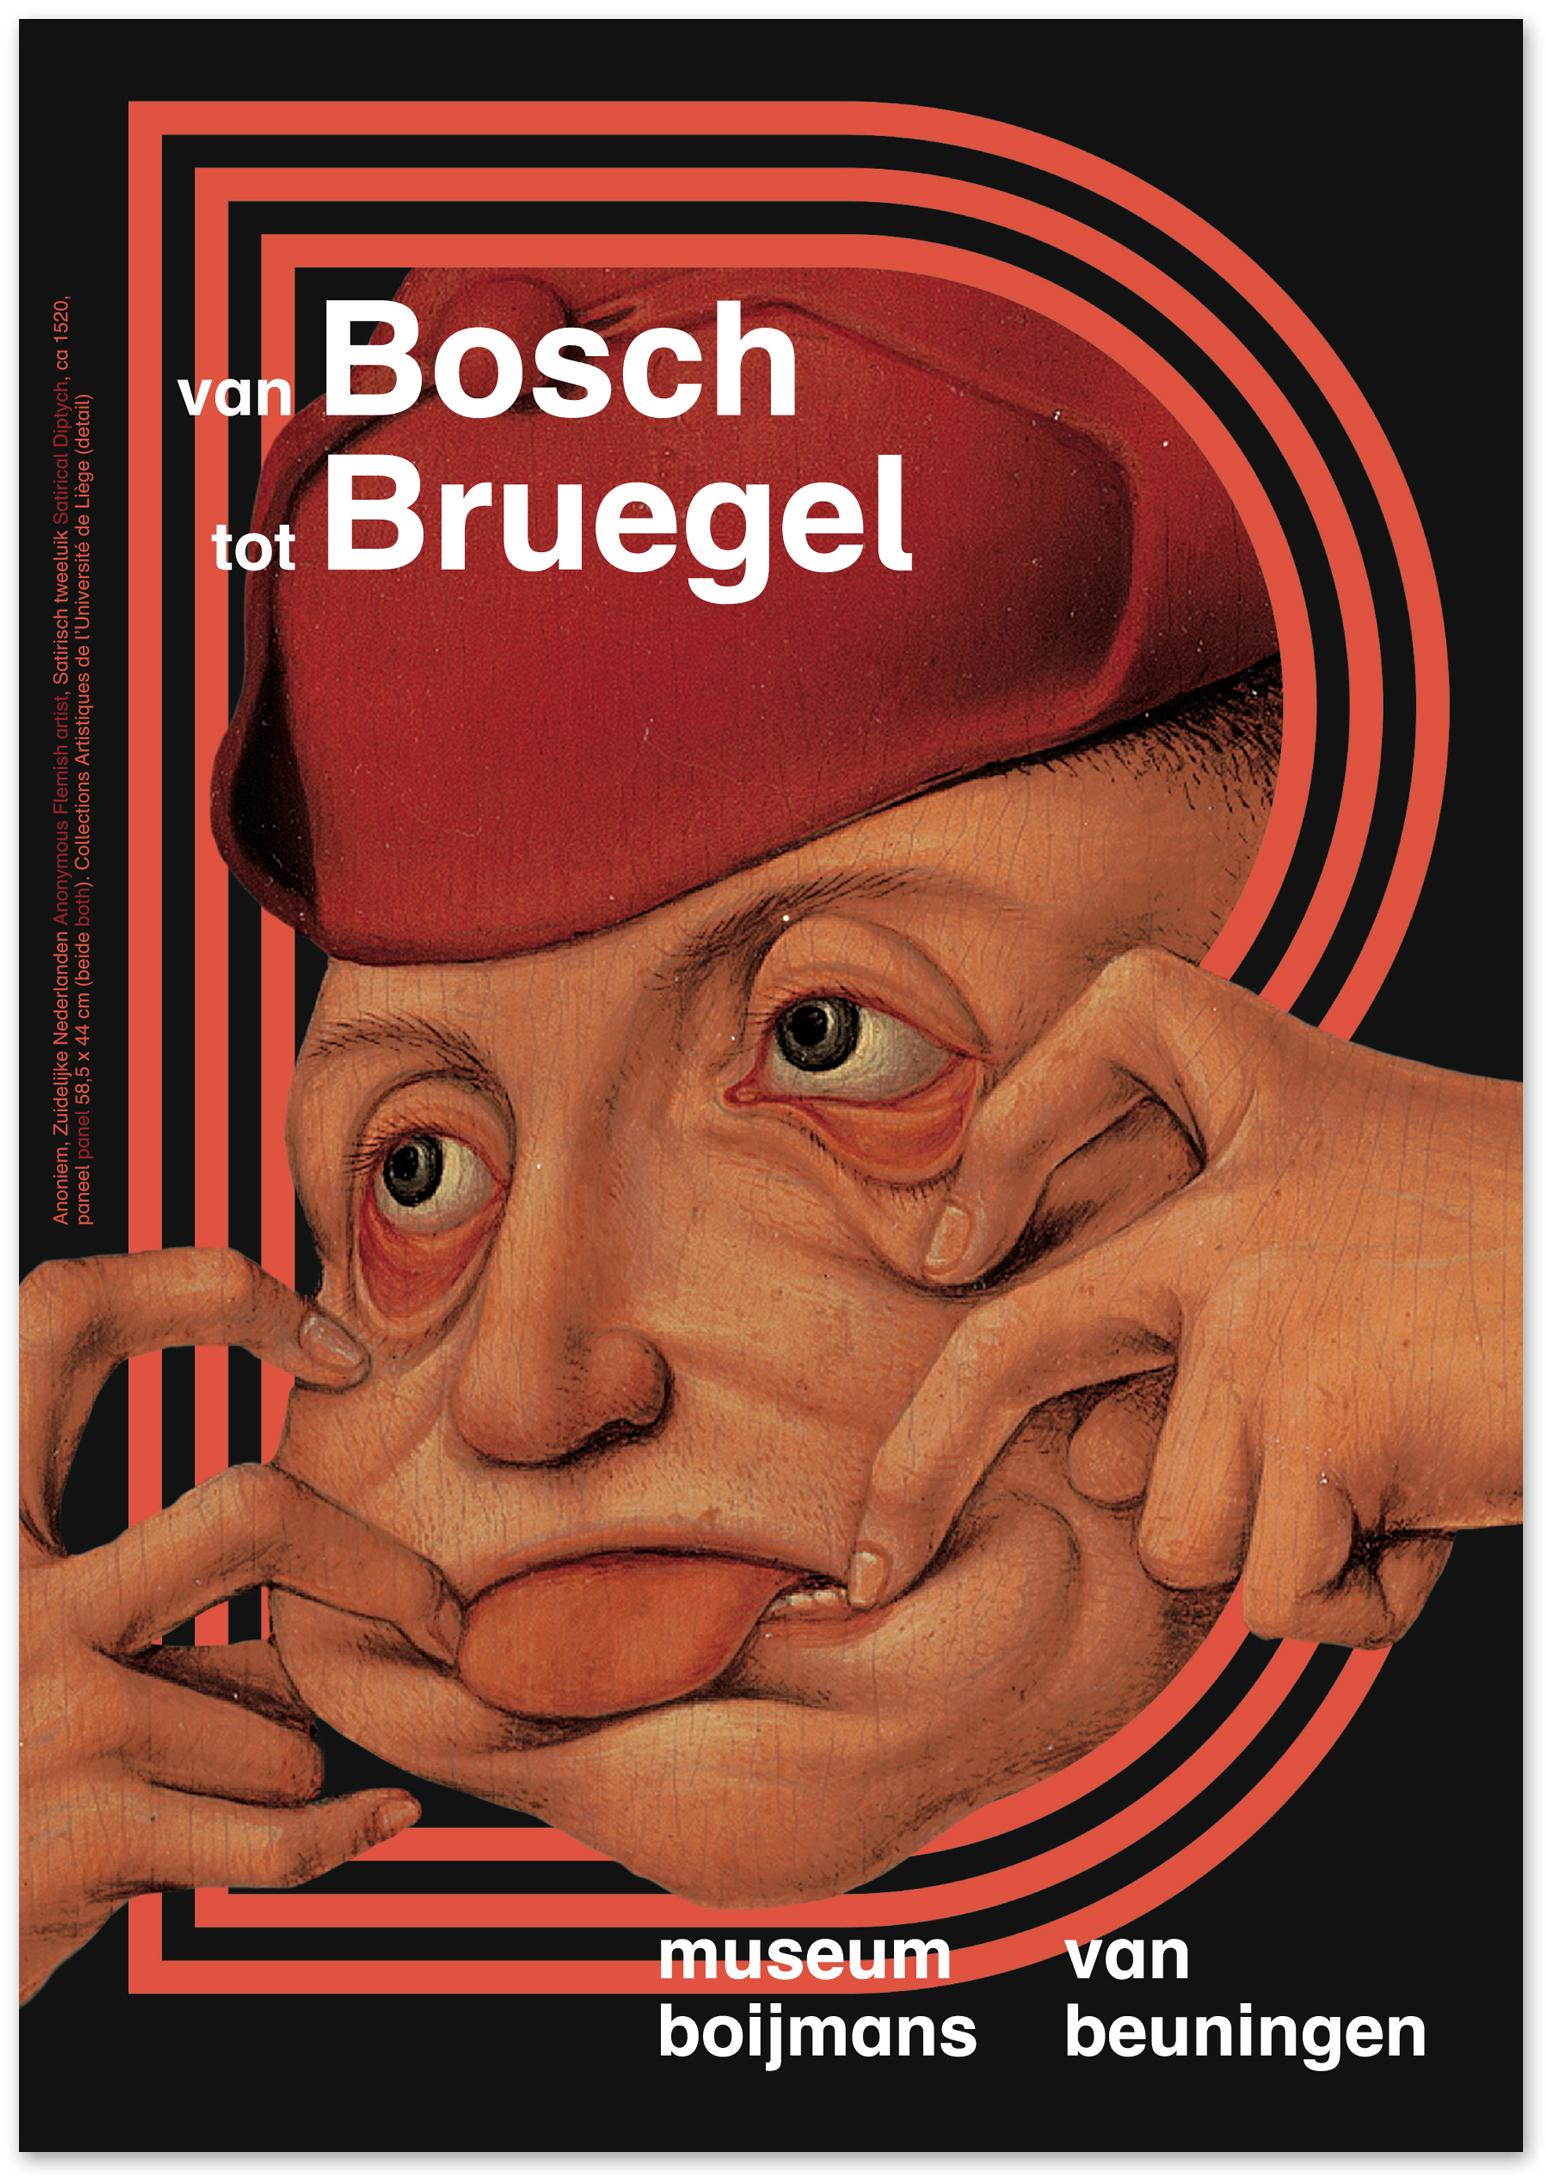 studio_colorado-boijmans_van_beuningen-flyer_bosch-1